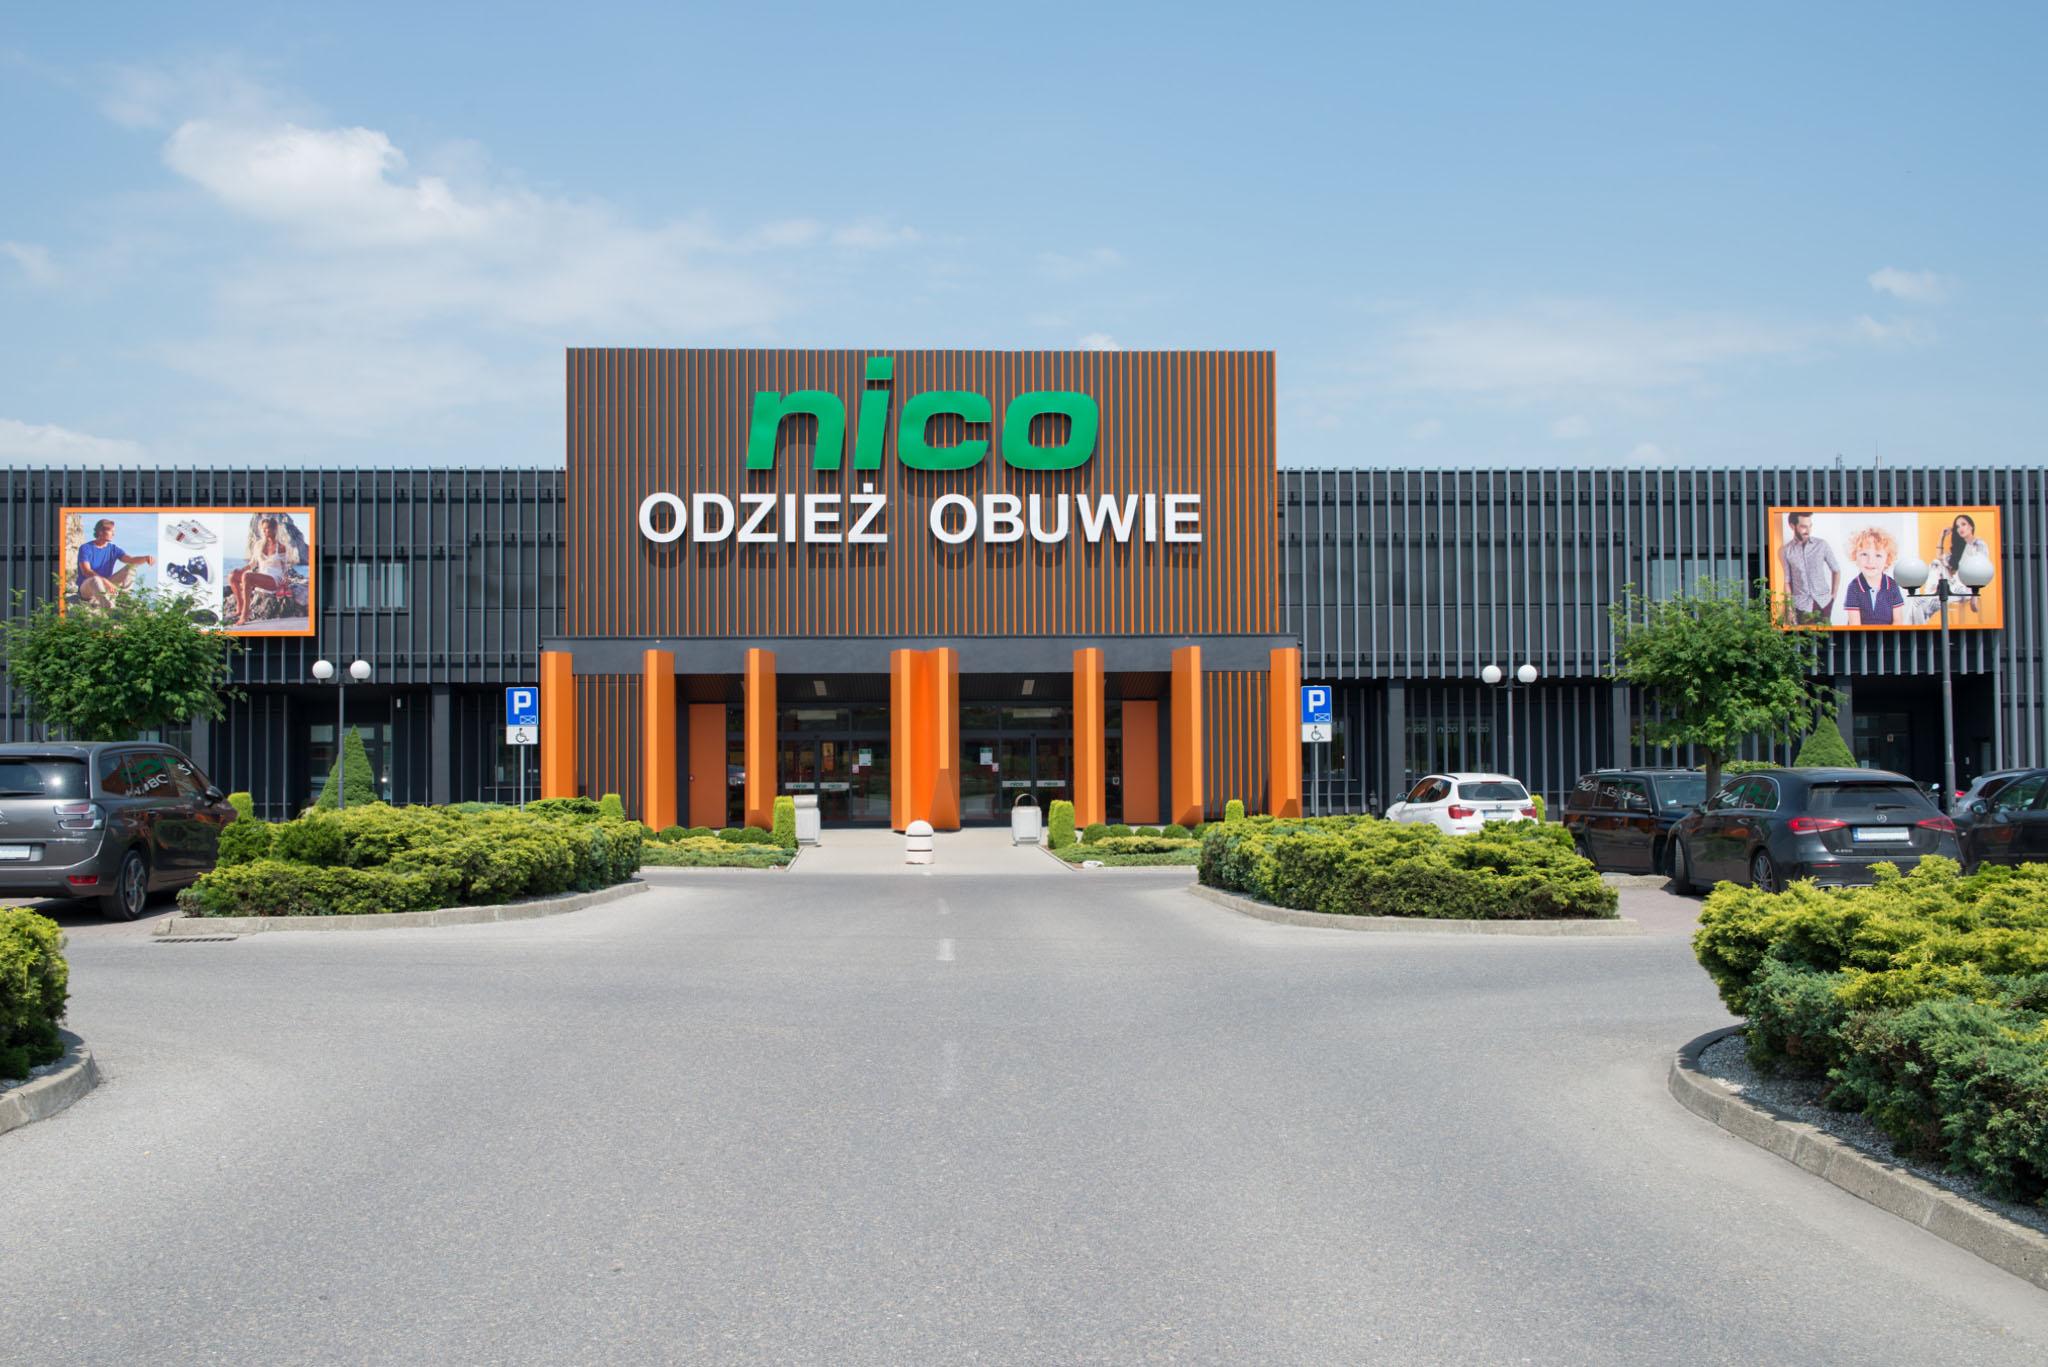 Salony sprzedaży Nico Odzież i Obuwie